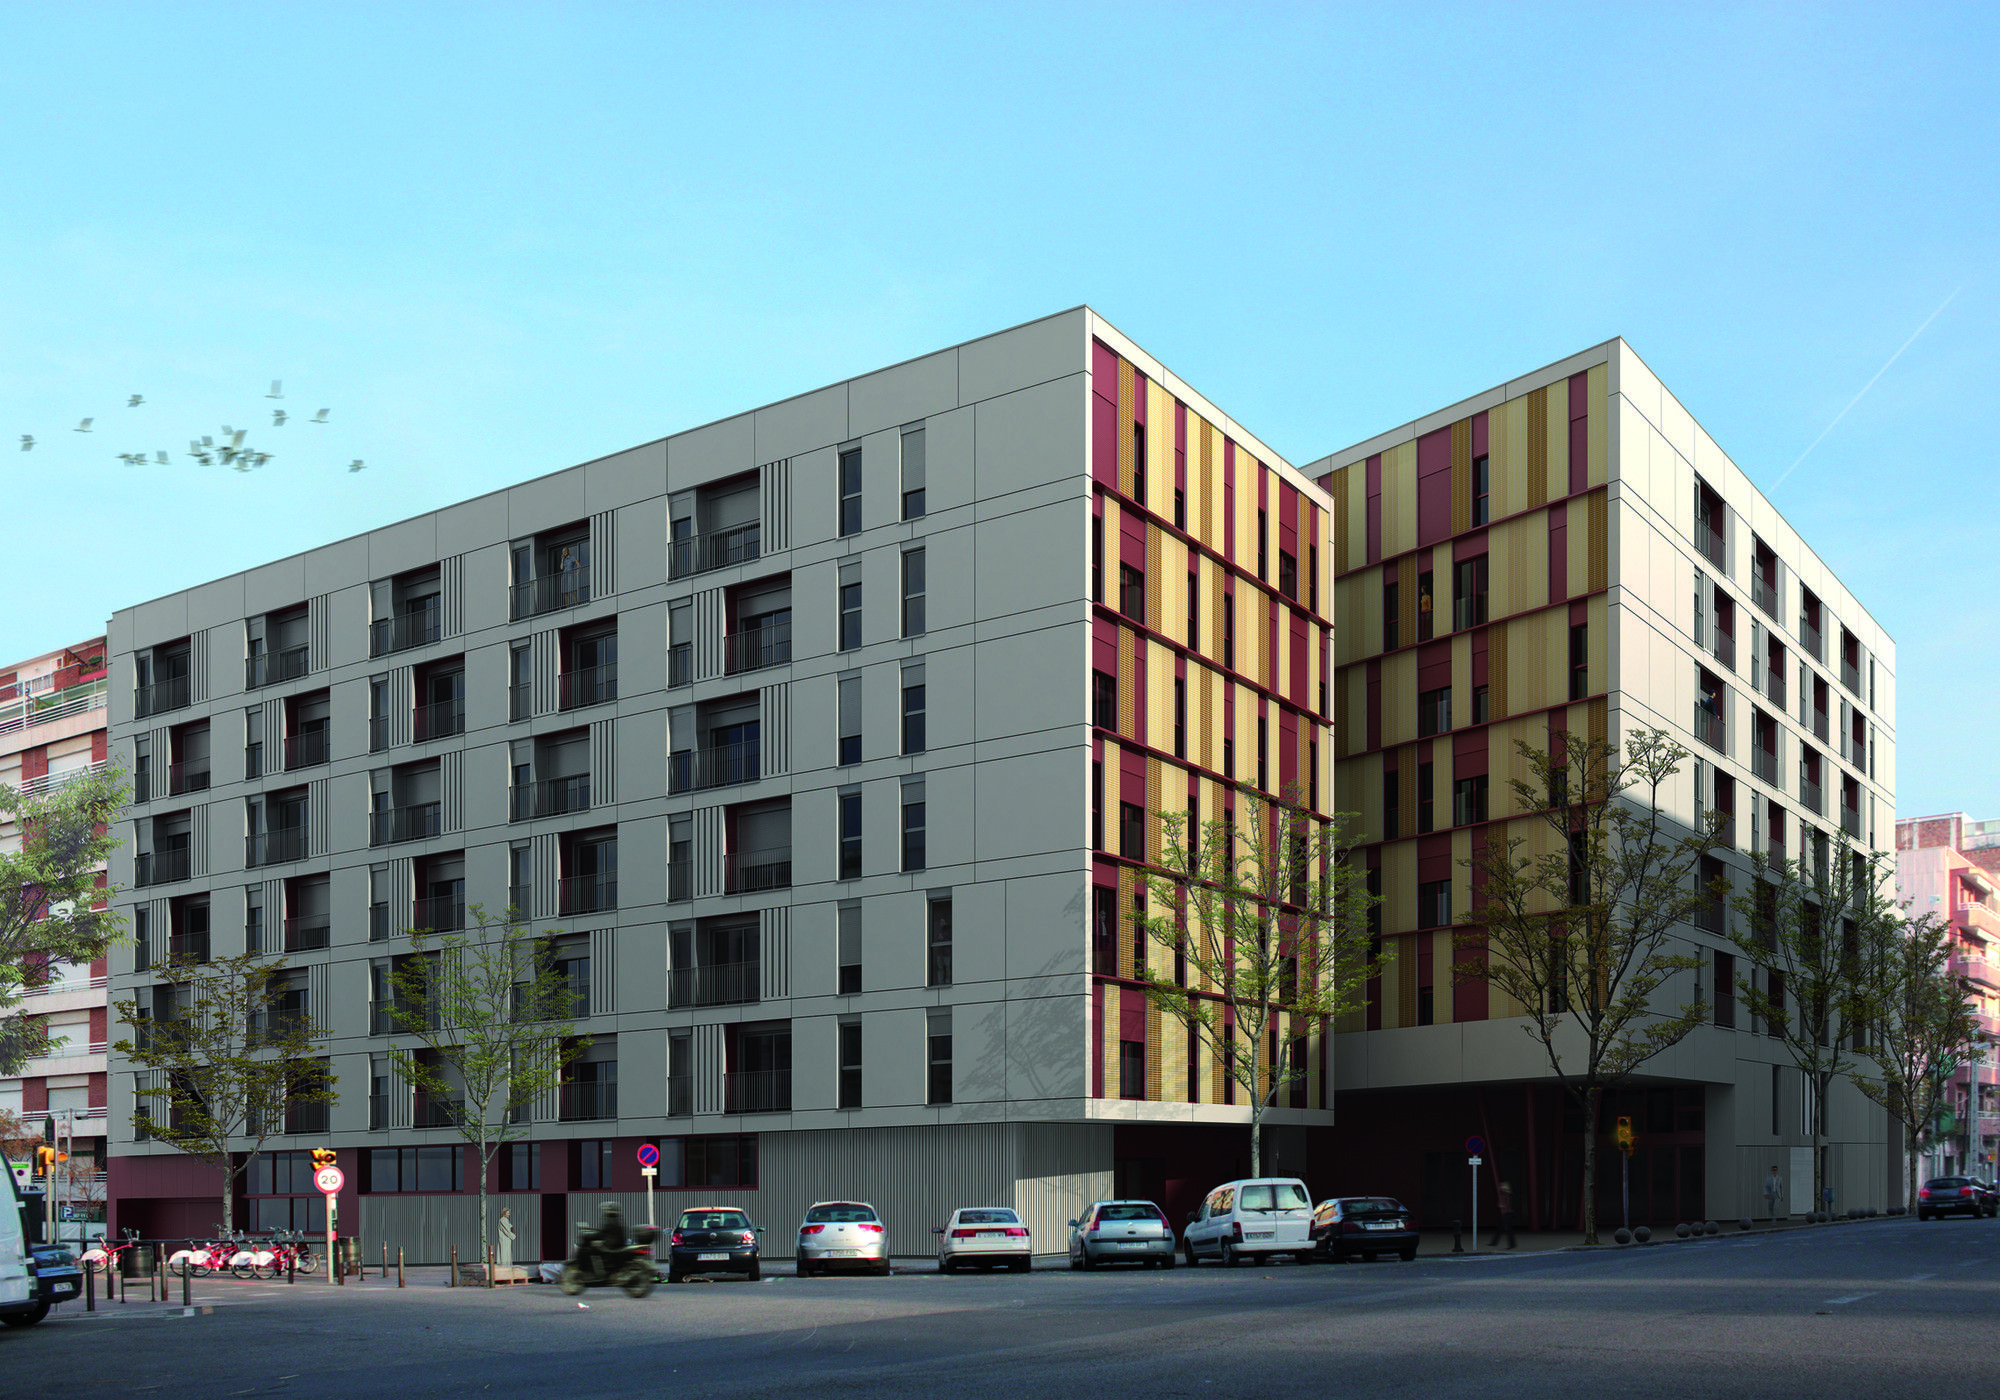 Galería - 13 Viviendas Y Equipamientos Para El Patronato Municipal De La Vivienda / ONL Arquitectura - 1